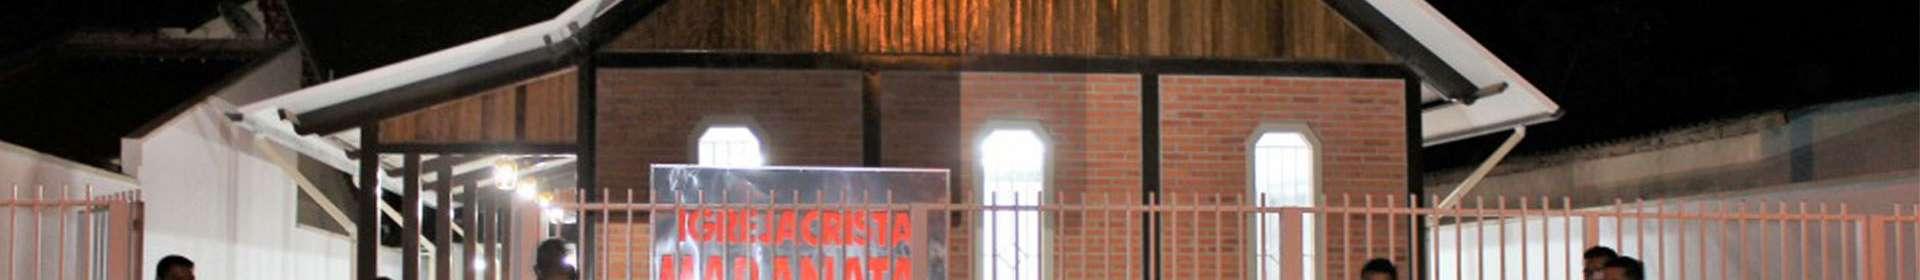 Primeiro templo da Igreja Cristã Maranata é consagrado em Aparecida de Goiânia (GO)